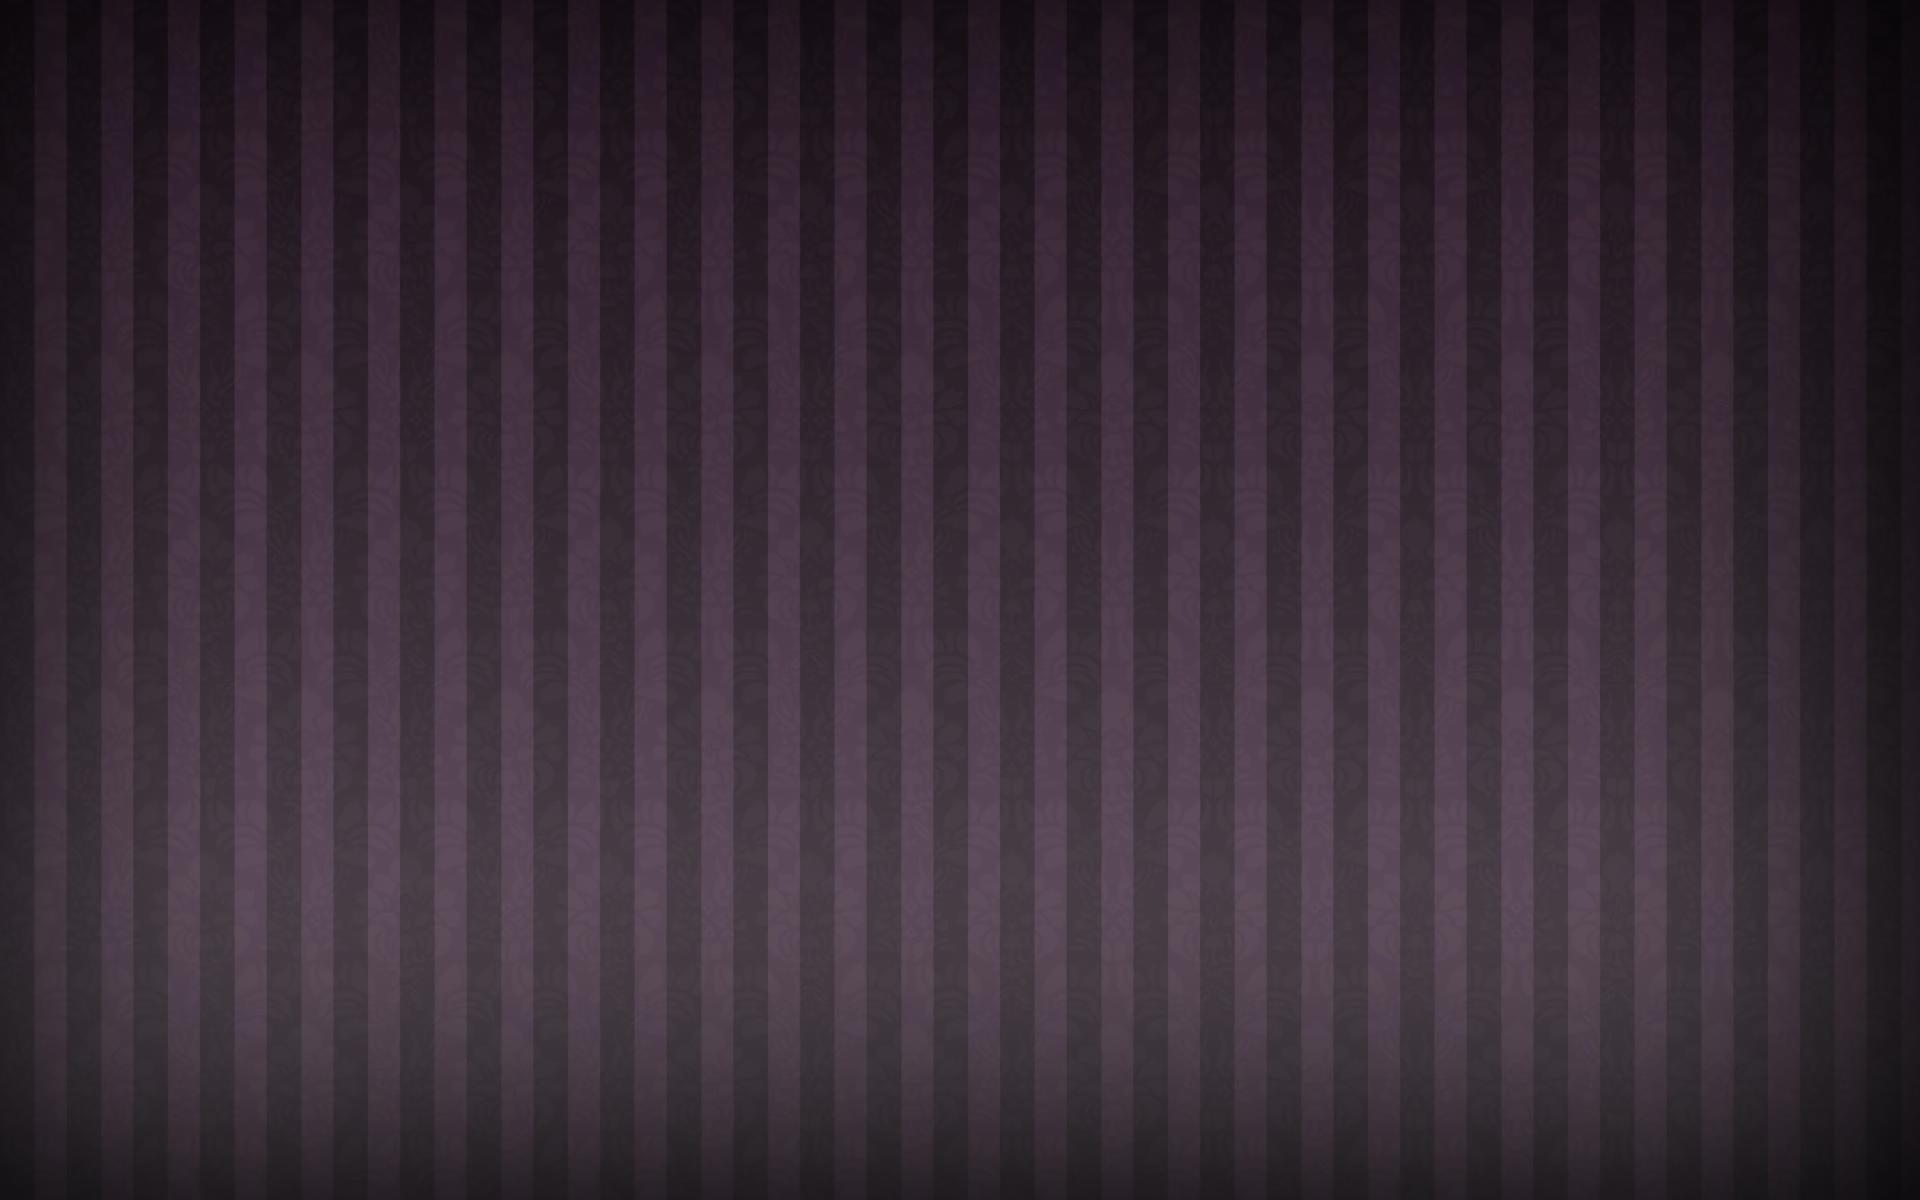 Abstracto - Stripes  Fondo de Pantalla